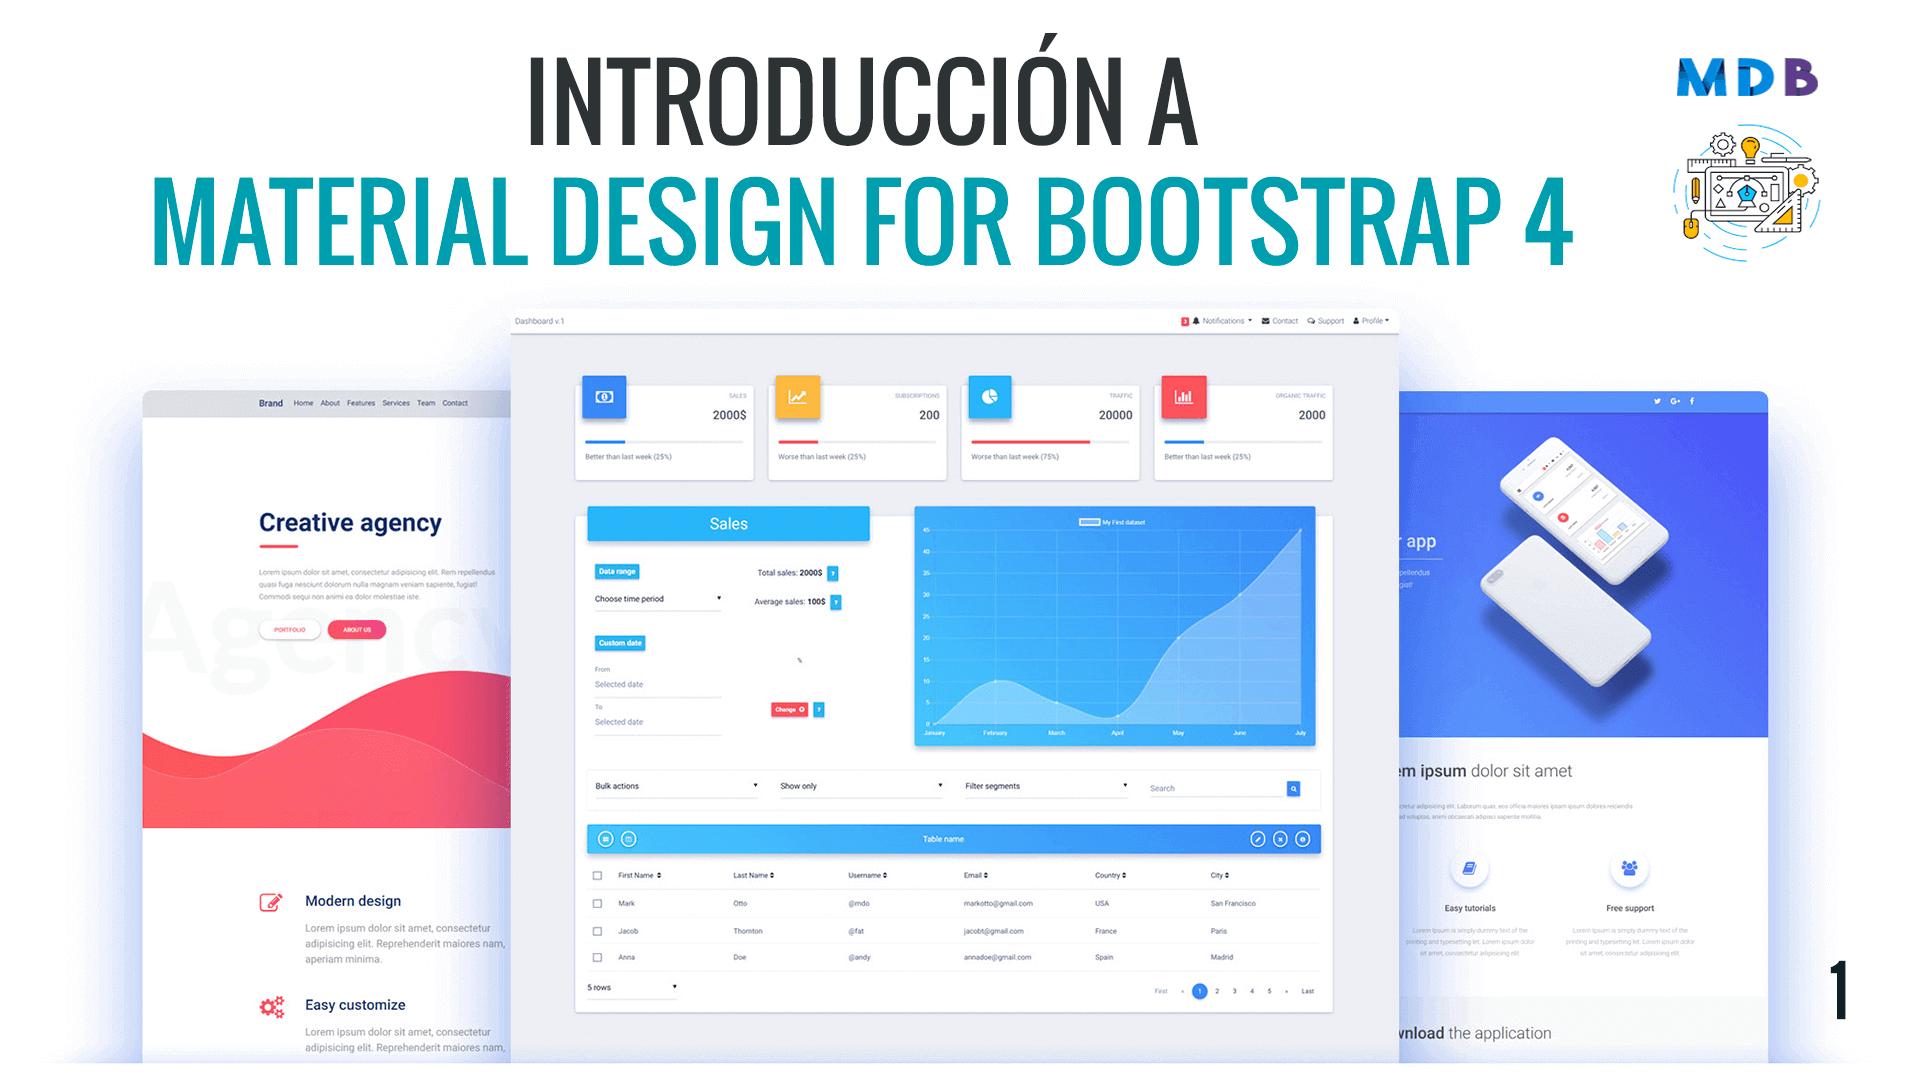 Introducción-al-Framework-Material-Design-for-BootStrap-4